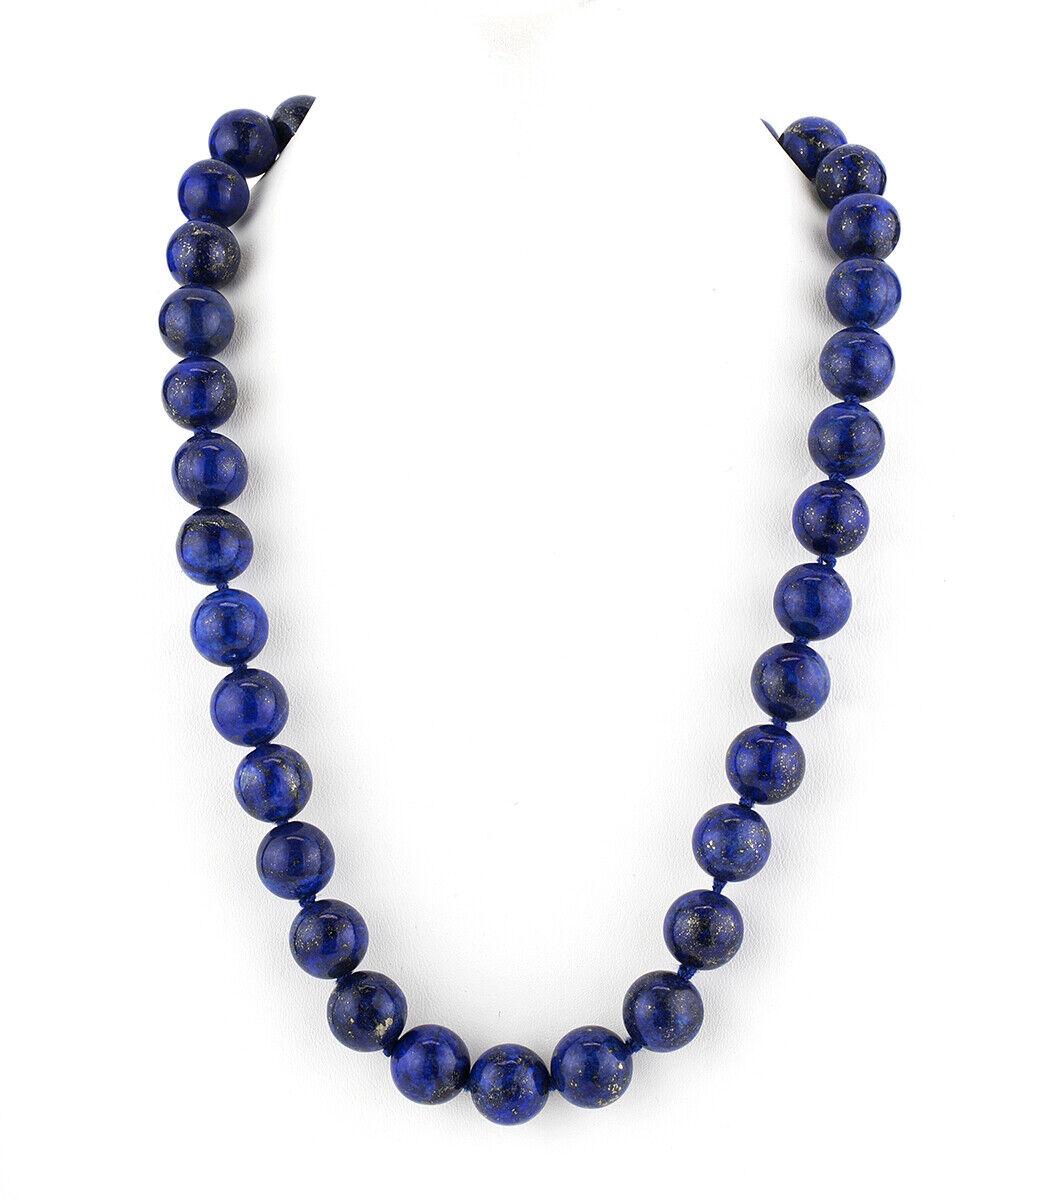 Collar Lapislblueis silver de Ley 925